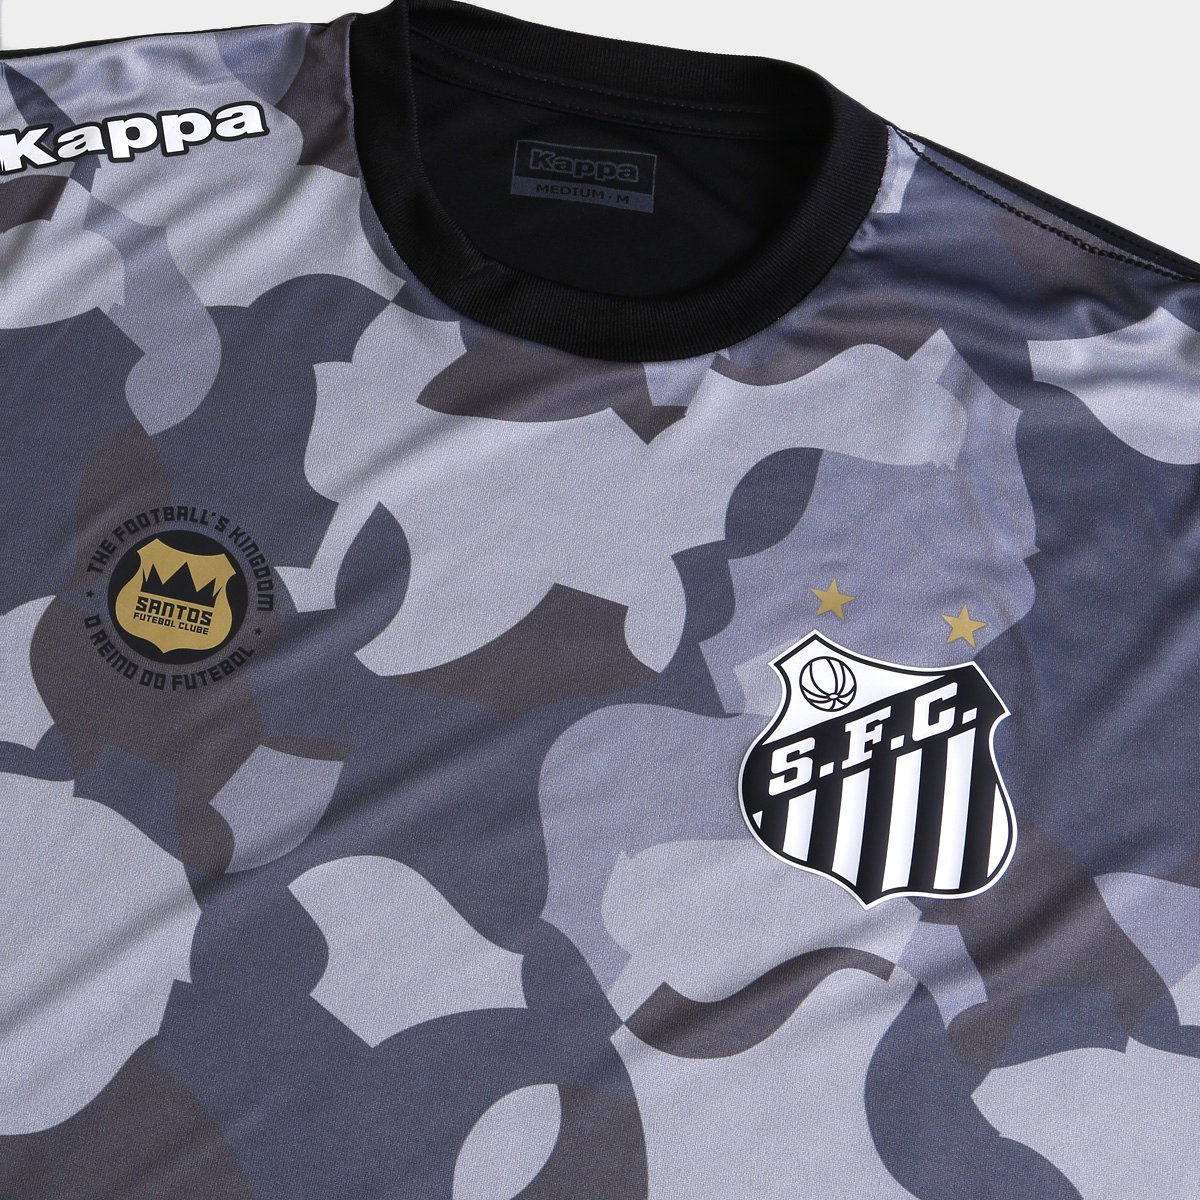 942a5feeb5 Camiseta Santos Kappa Vila Belmiro 17 Masculina - Compre Agora ...